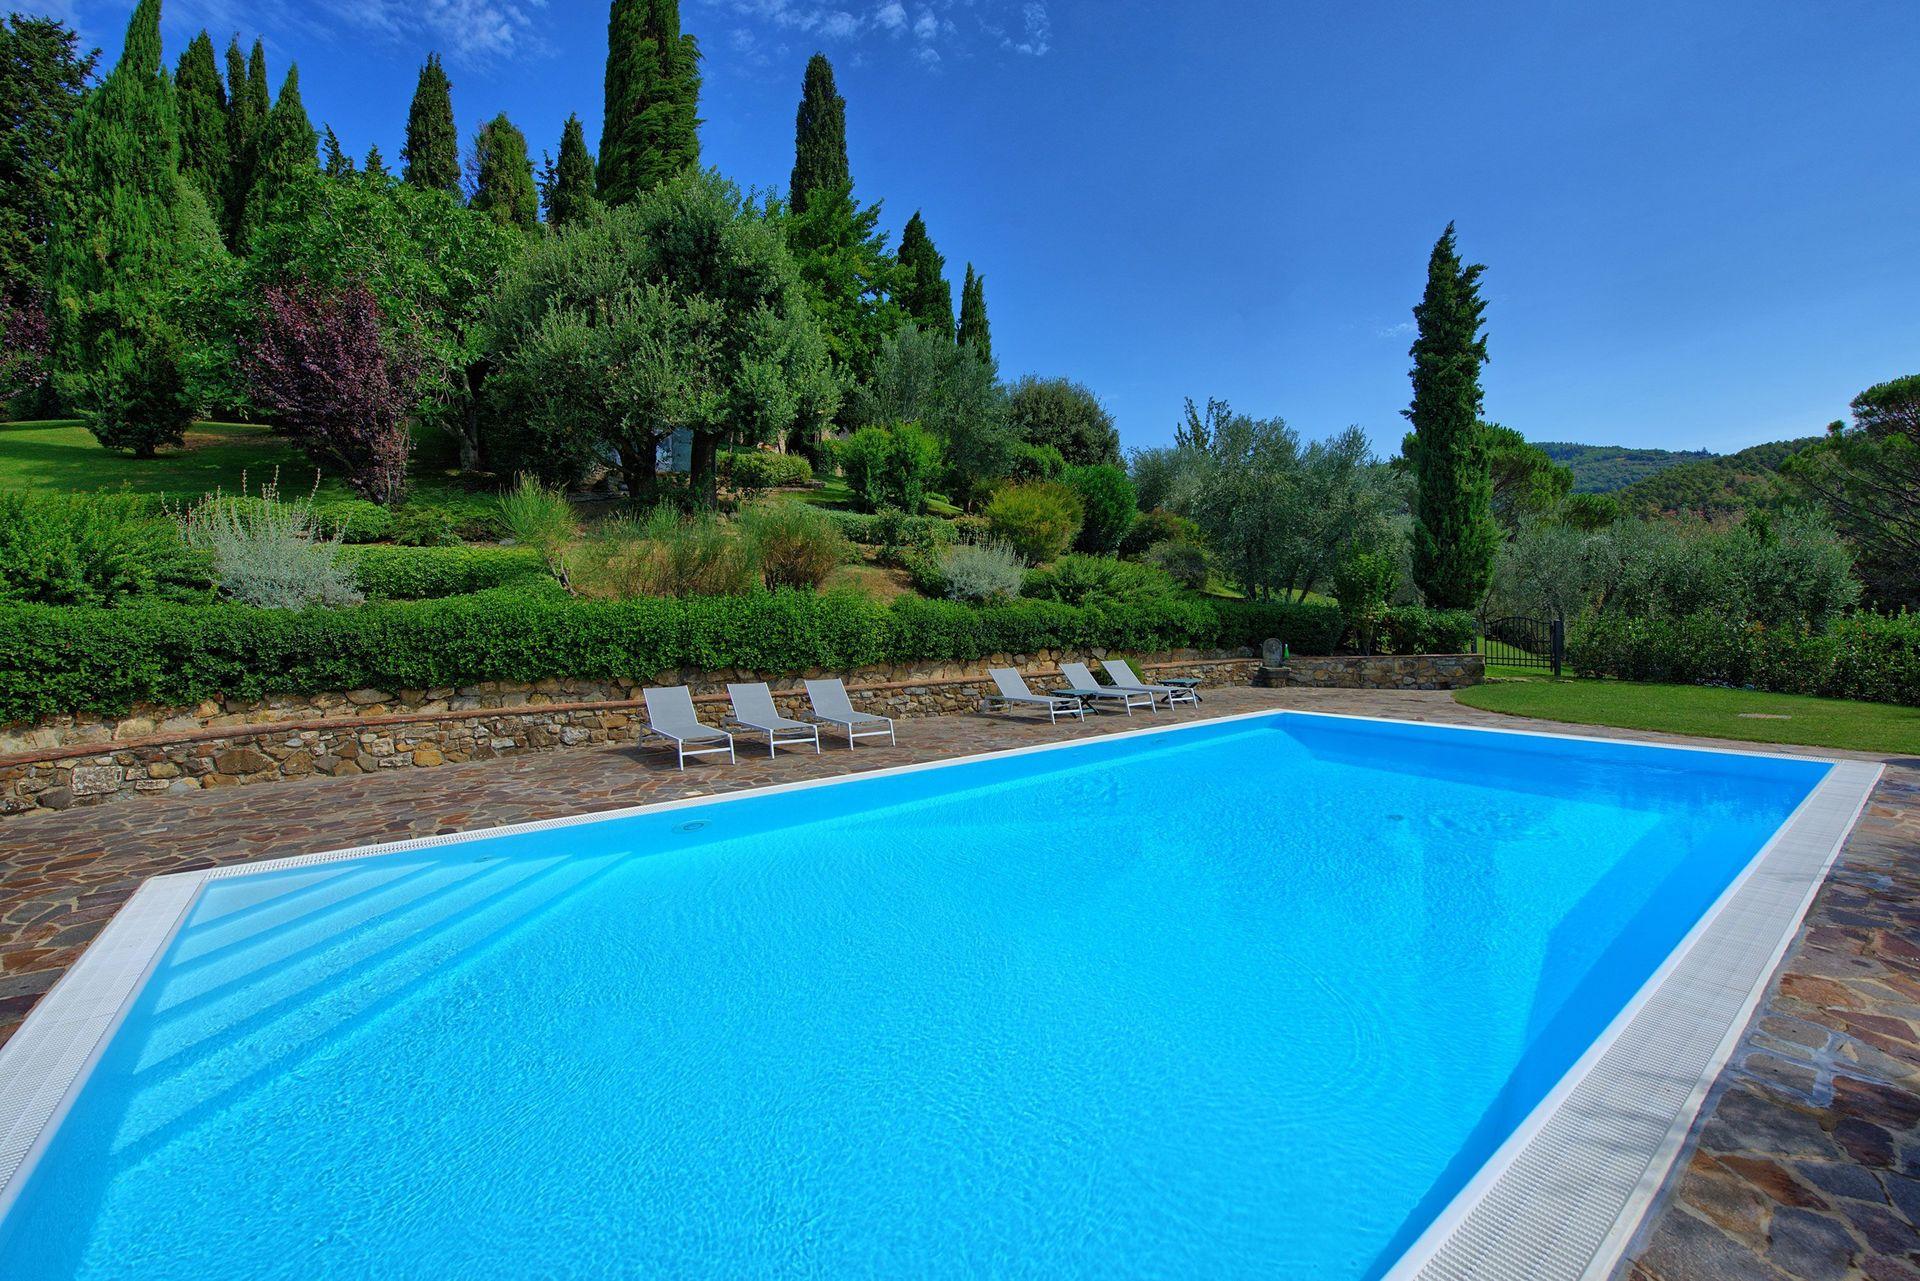 Paesaggi D Acqua Piscine villa di petriolo - casa vacanze con 6 posti letto in 3